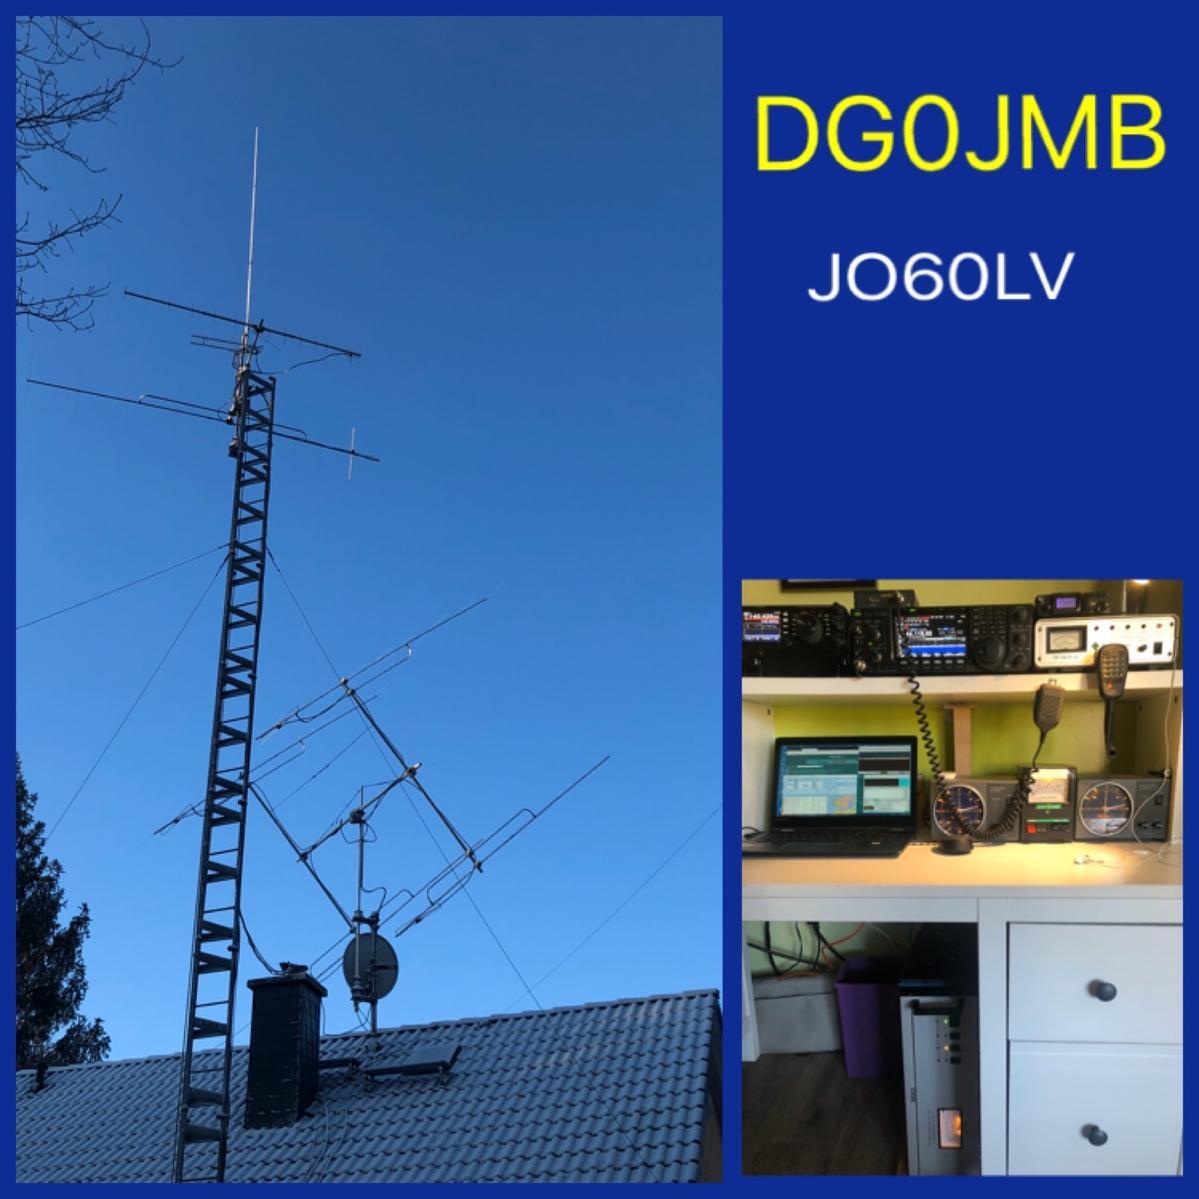 Primary Image for DG0JMB